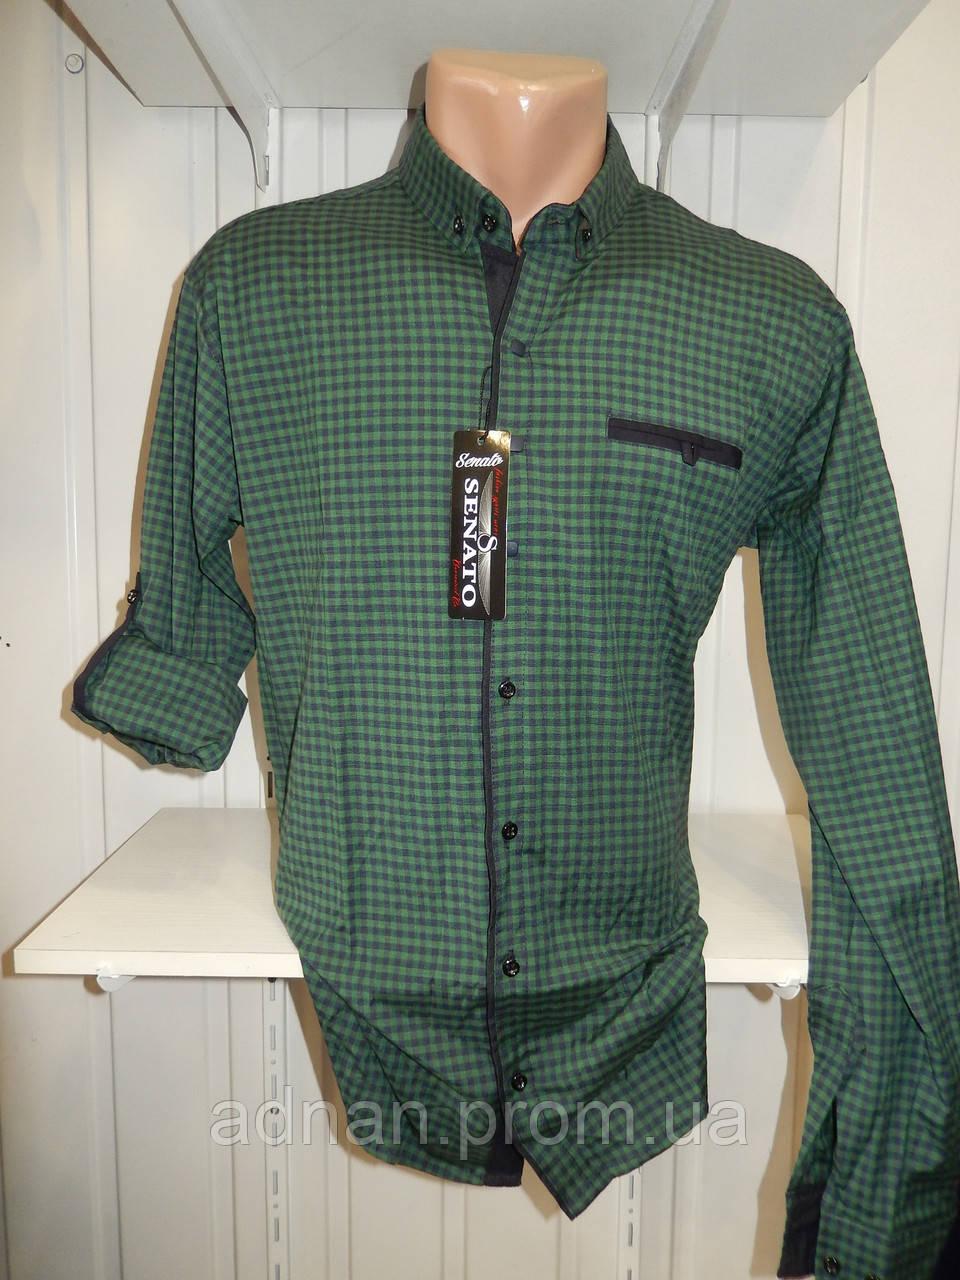 Рубашка мужская CROM клетка, Полу-батал, стрейч, 3 заклепки 006 /купить только оптом